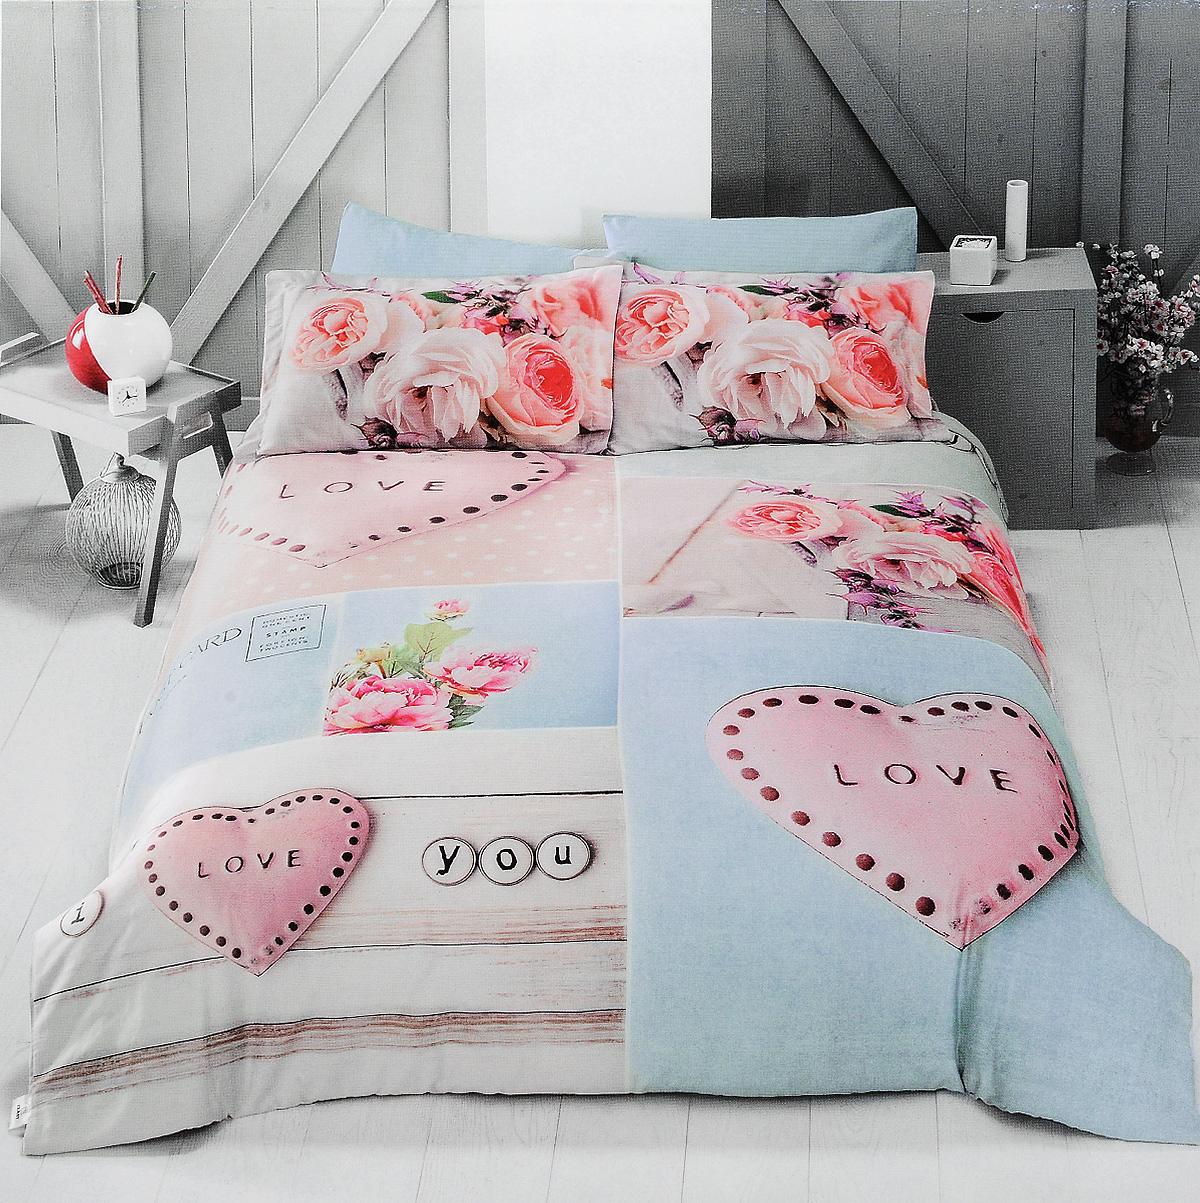 Комплект белья Clasy Love, евро, наволочки 50х70, цвет: голубой, розовый, бежевый00000005306Комплект постельного белья Clasy Love состоит из пододеяльника на пуговицах, простыни и 4 наволочек (2 стандартные и 2 с ушками). Изделия выполнены из сатина (100% хлопок). Ткань гладкая и имеет ровный матовый блеск. Секрет заключается в особенно плотном сатиновом переплетении. Несмотря на особую плотность, это постельное белье очень мягкое, спать на нем уютно и тепло. Ткань обладает отличными гигиеническими свойствами - гигроскопичностью, воздухопроницаемостью и гипоаллергенностью. Краска на сатине держится очень хорошо, новое белье не полиняет и со временем не станет выцветать. Такой комплект прослужит дольше любого другого хлопкового белья. Благодаря диагональному пересечению нитей ткань почти не мнется. В производстве белья используются только качественные безопасные импортные красители, которые не содержат вредных химических веществ и позволяют сохранить яркость красок после многократных стирок. Белье упаковано в подарочную картонную коробку.